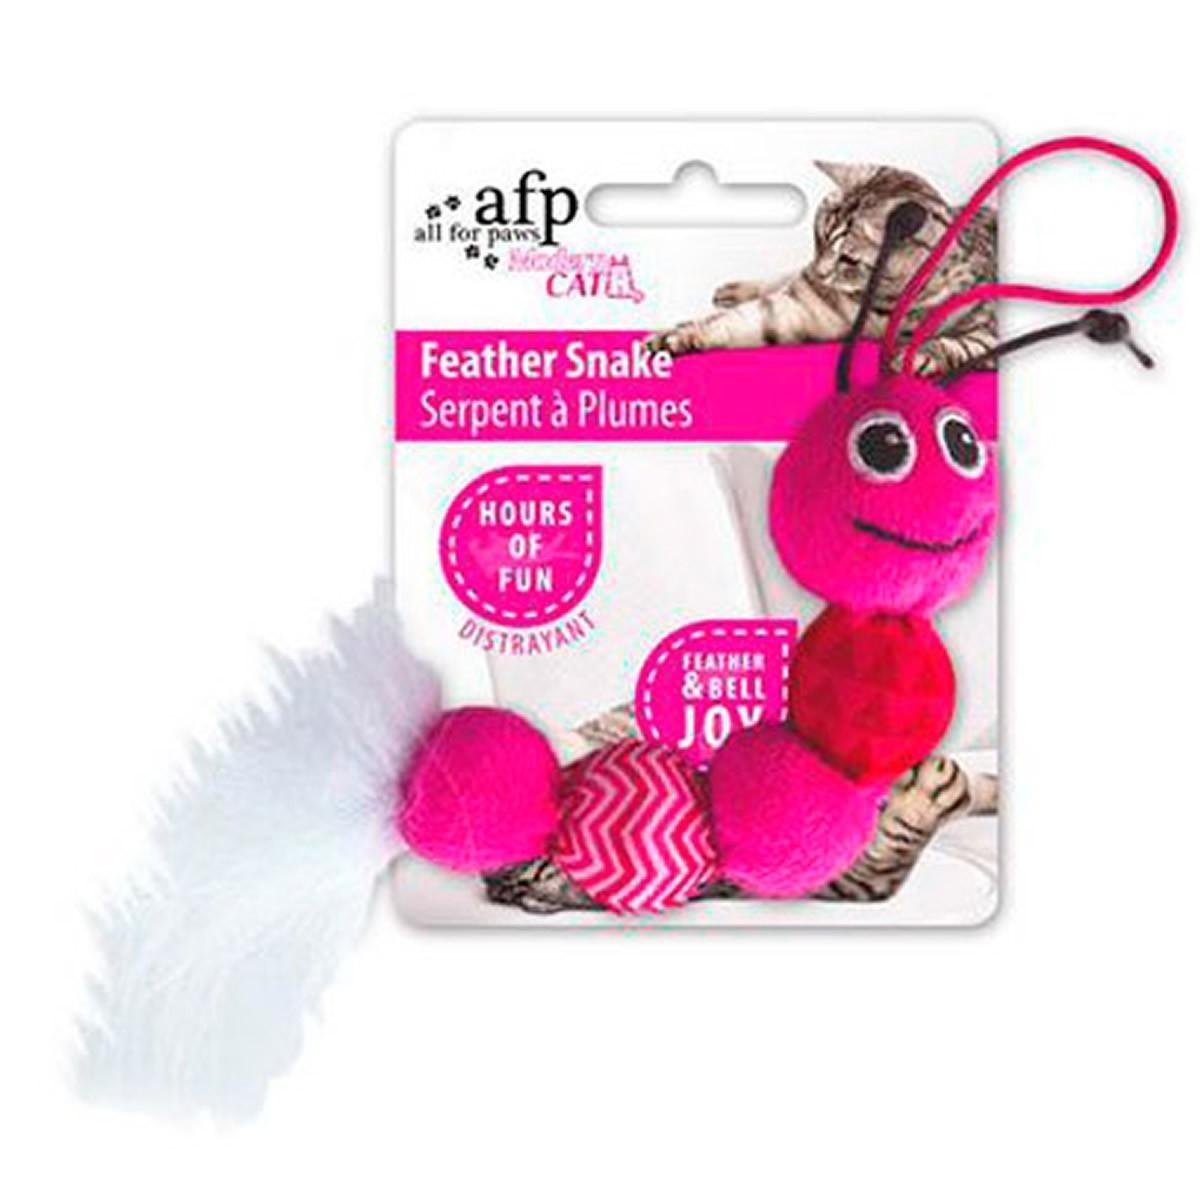 Brinquedo para Gatos AFP Modern Cat Cobra de Penas Rosa - Feather Snake